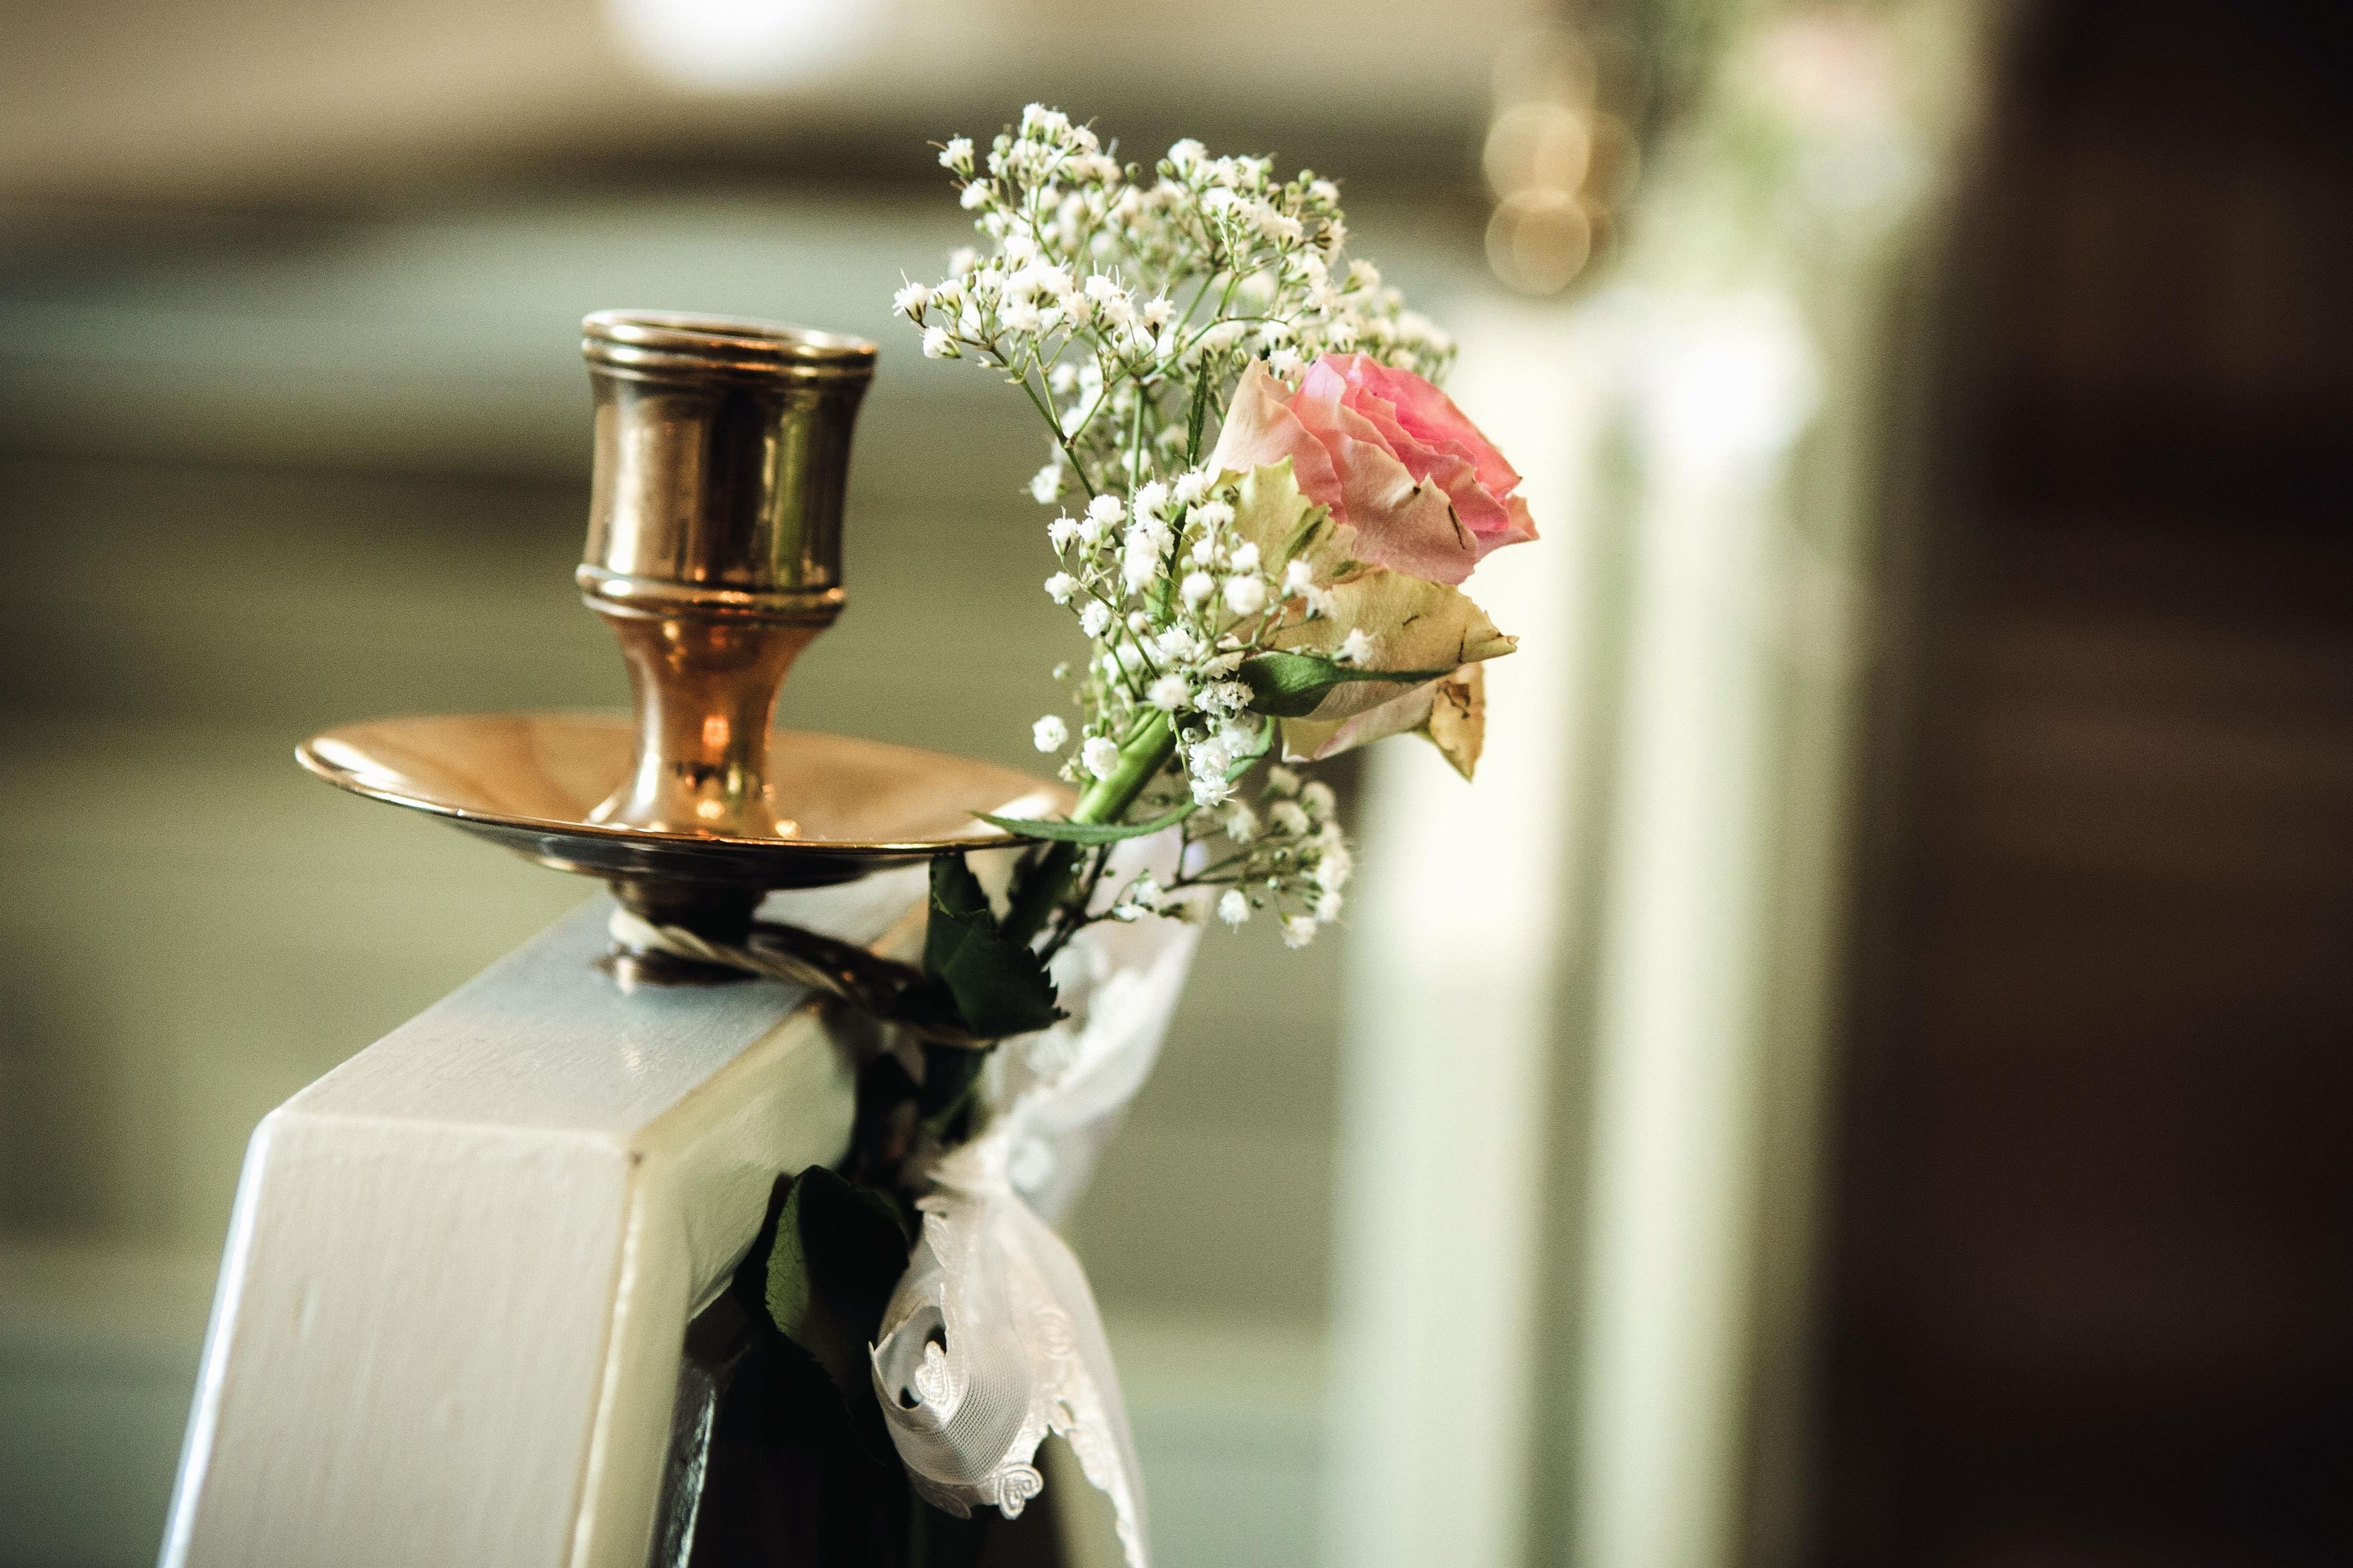 interieur design roos koper bloemen